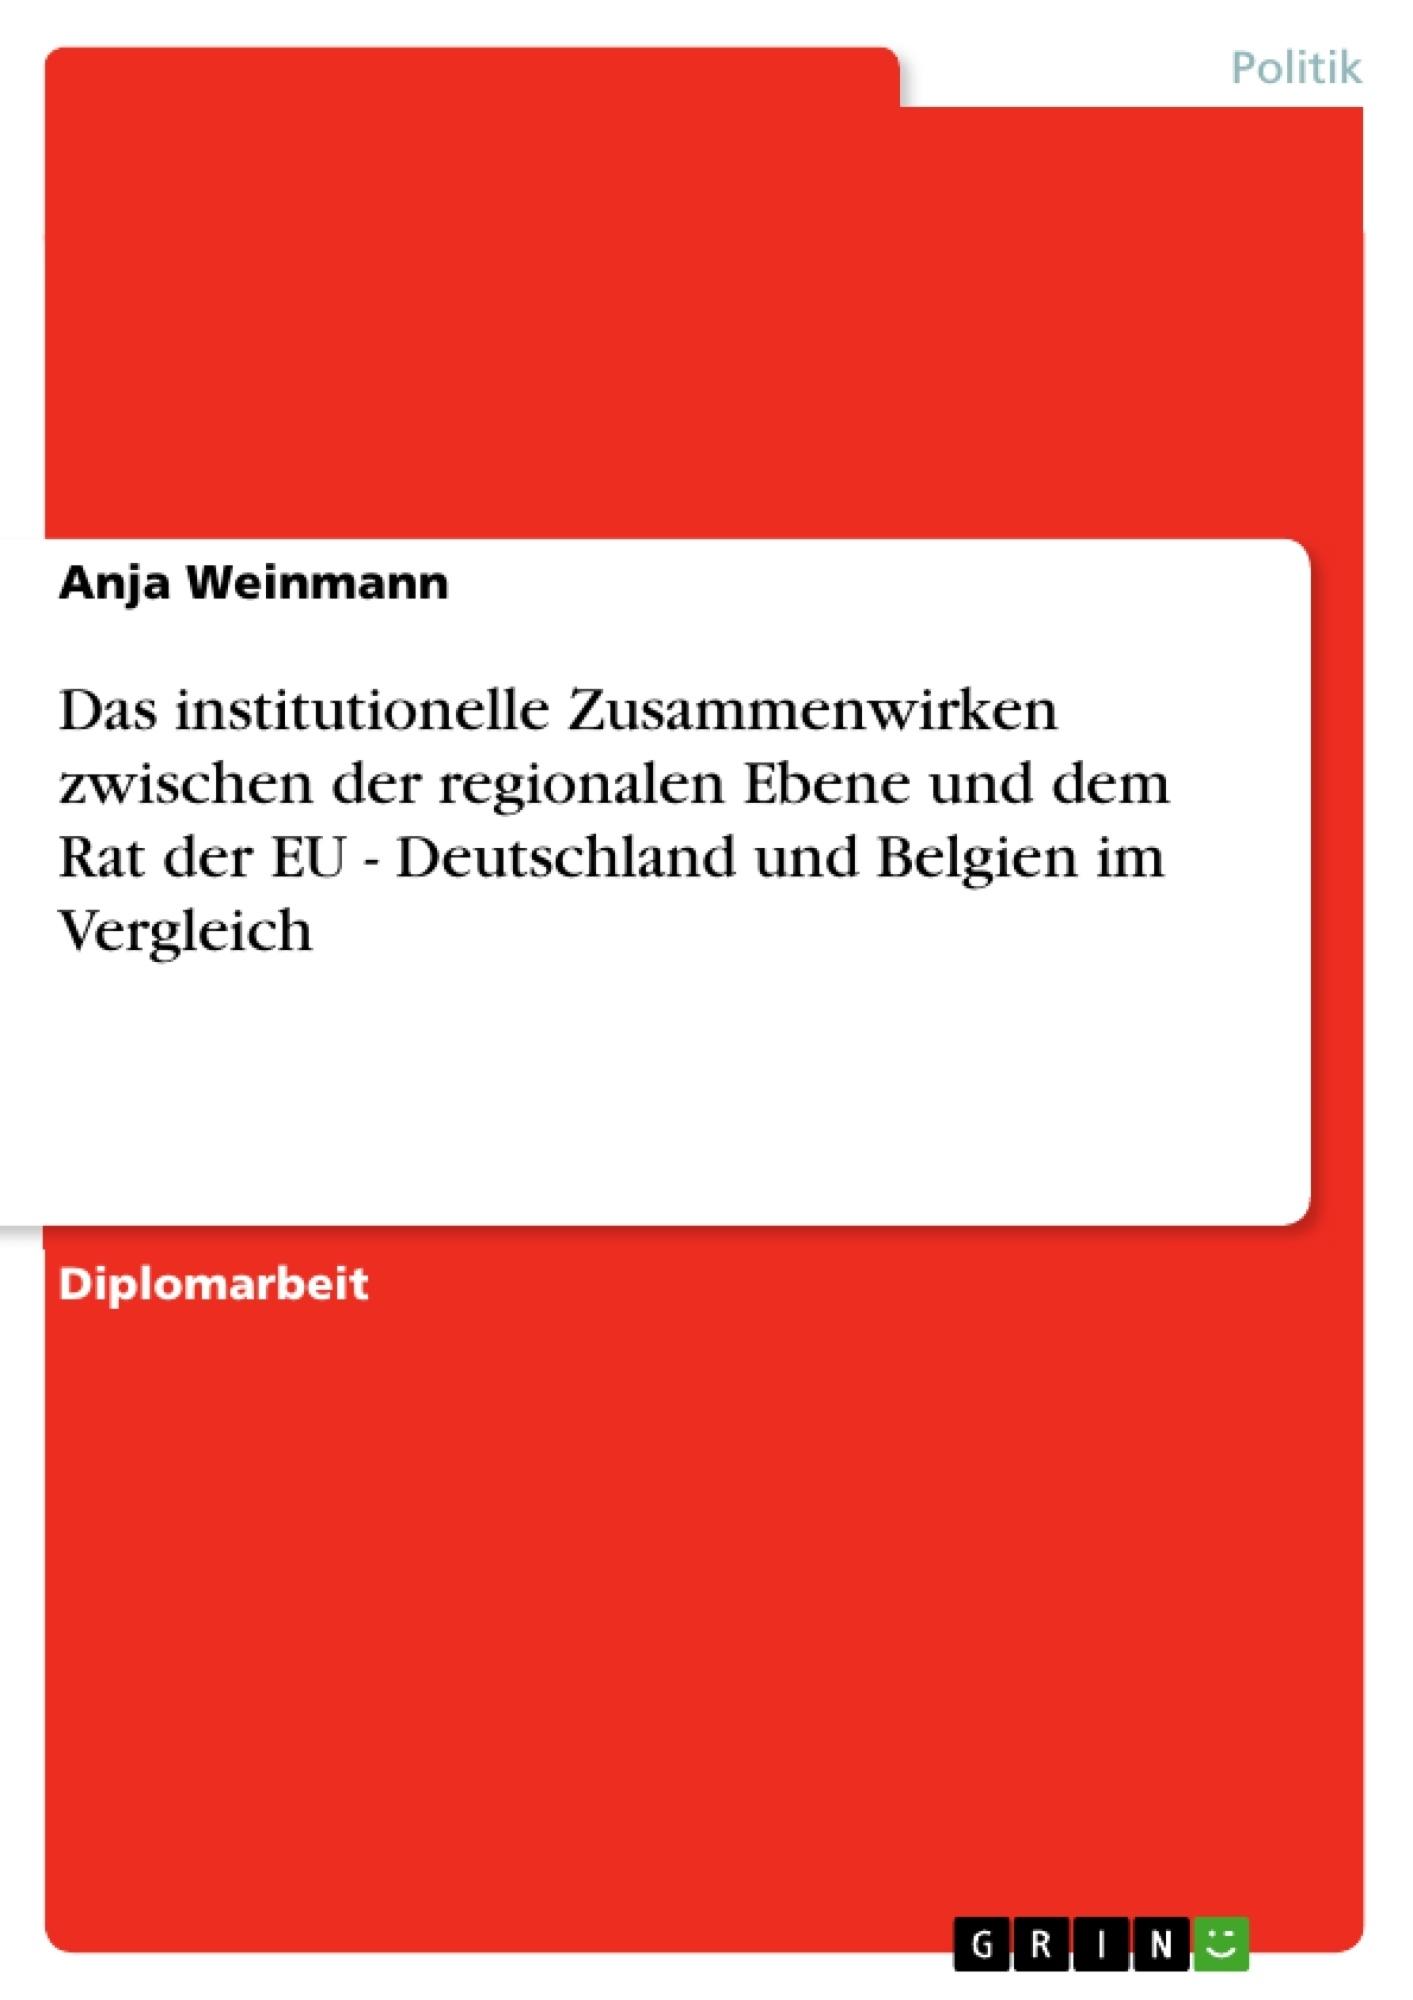 Titel: Das institutionelle Zusammenwirken zwischen der regionalen Ebene und dem Rat der EU - Deutschland und Belgien im Vergleich